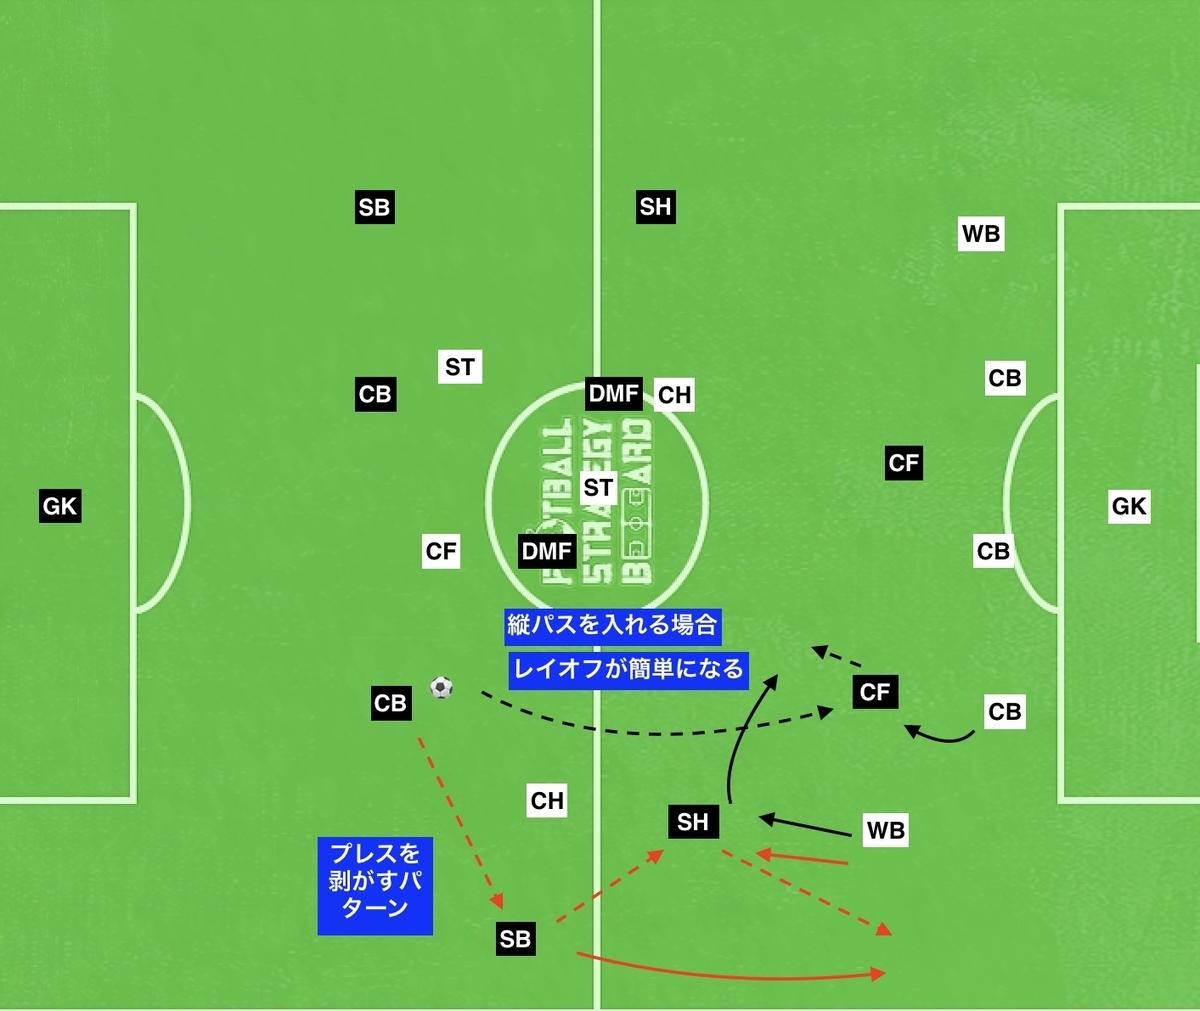 f:id:football-analyst:20190802104153j:plain